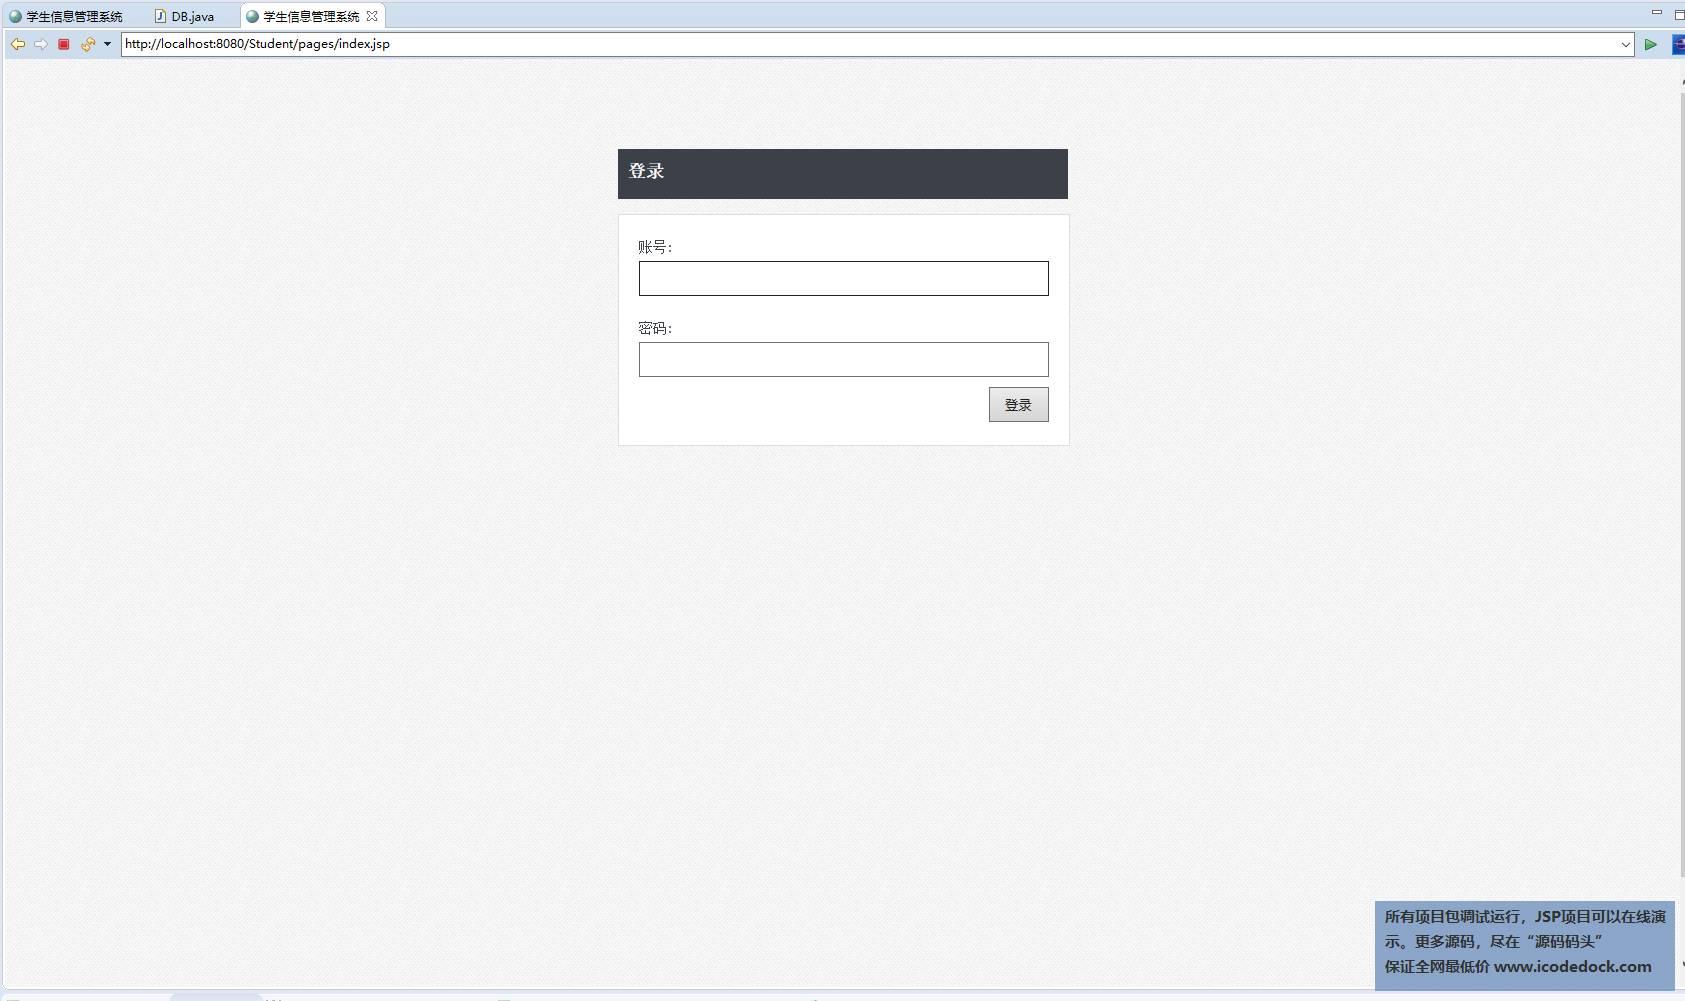 源码码头-JSP学生信息管理系统-登录页面